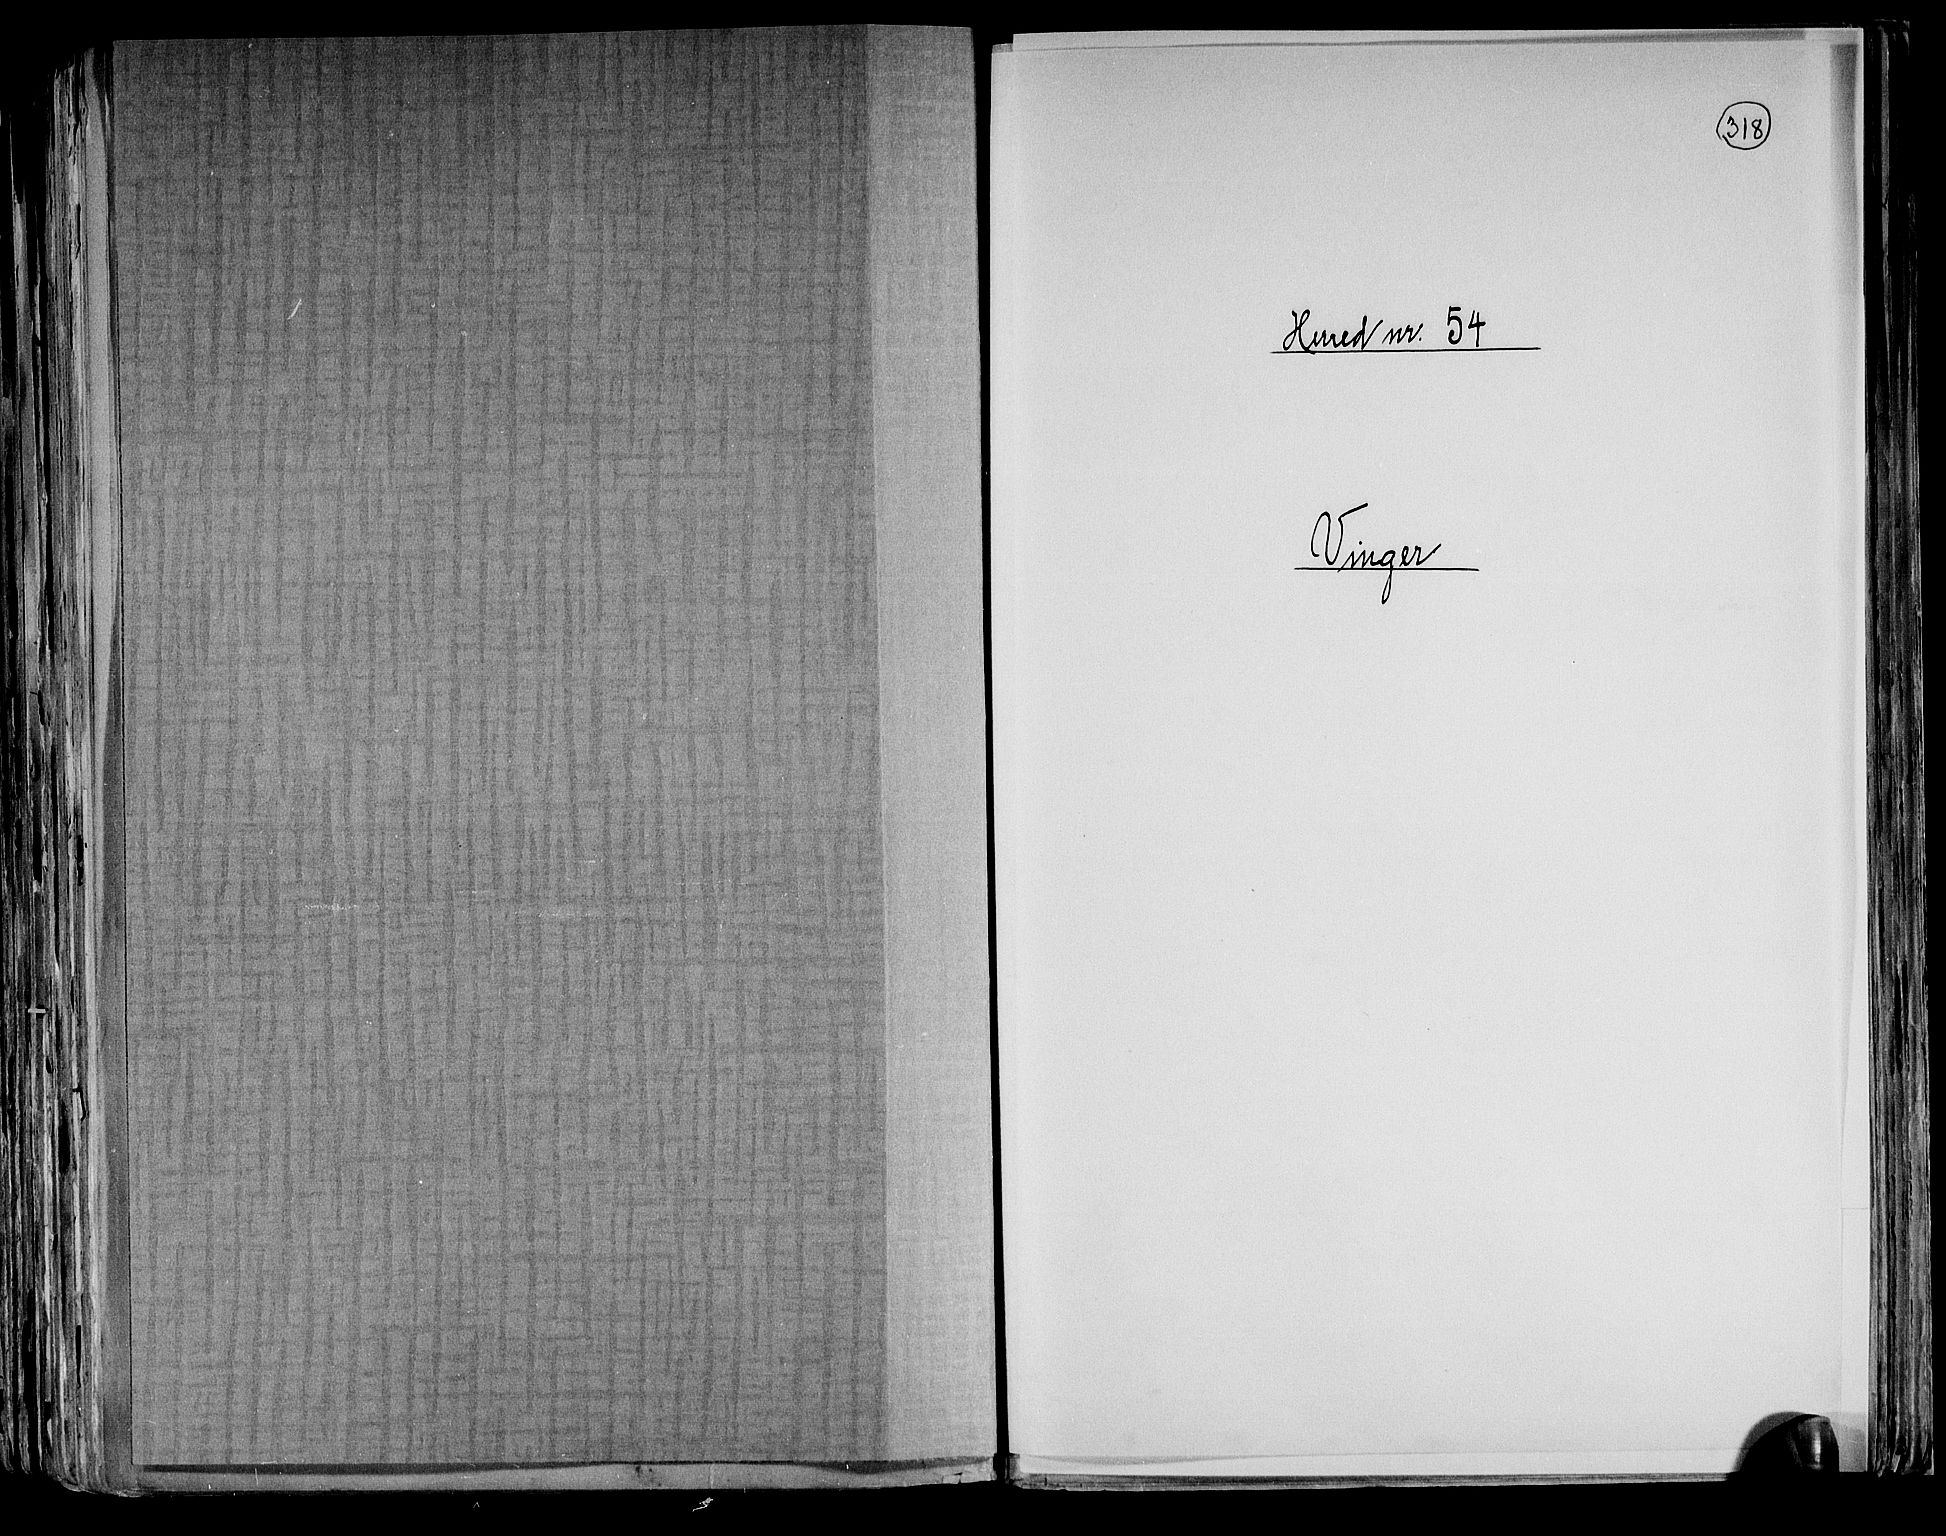 RA, Folketelling 1891 for 0421 Vinger herred, 1891, s. 1